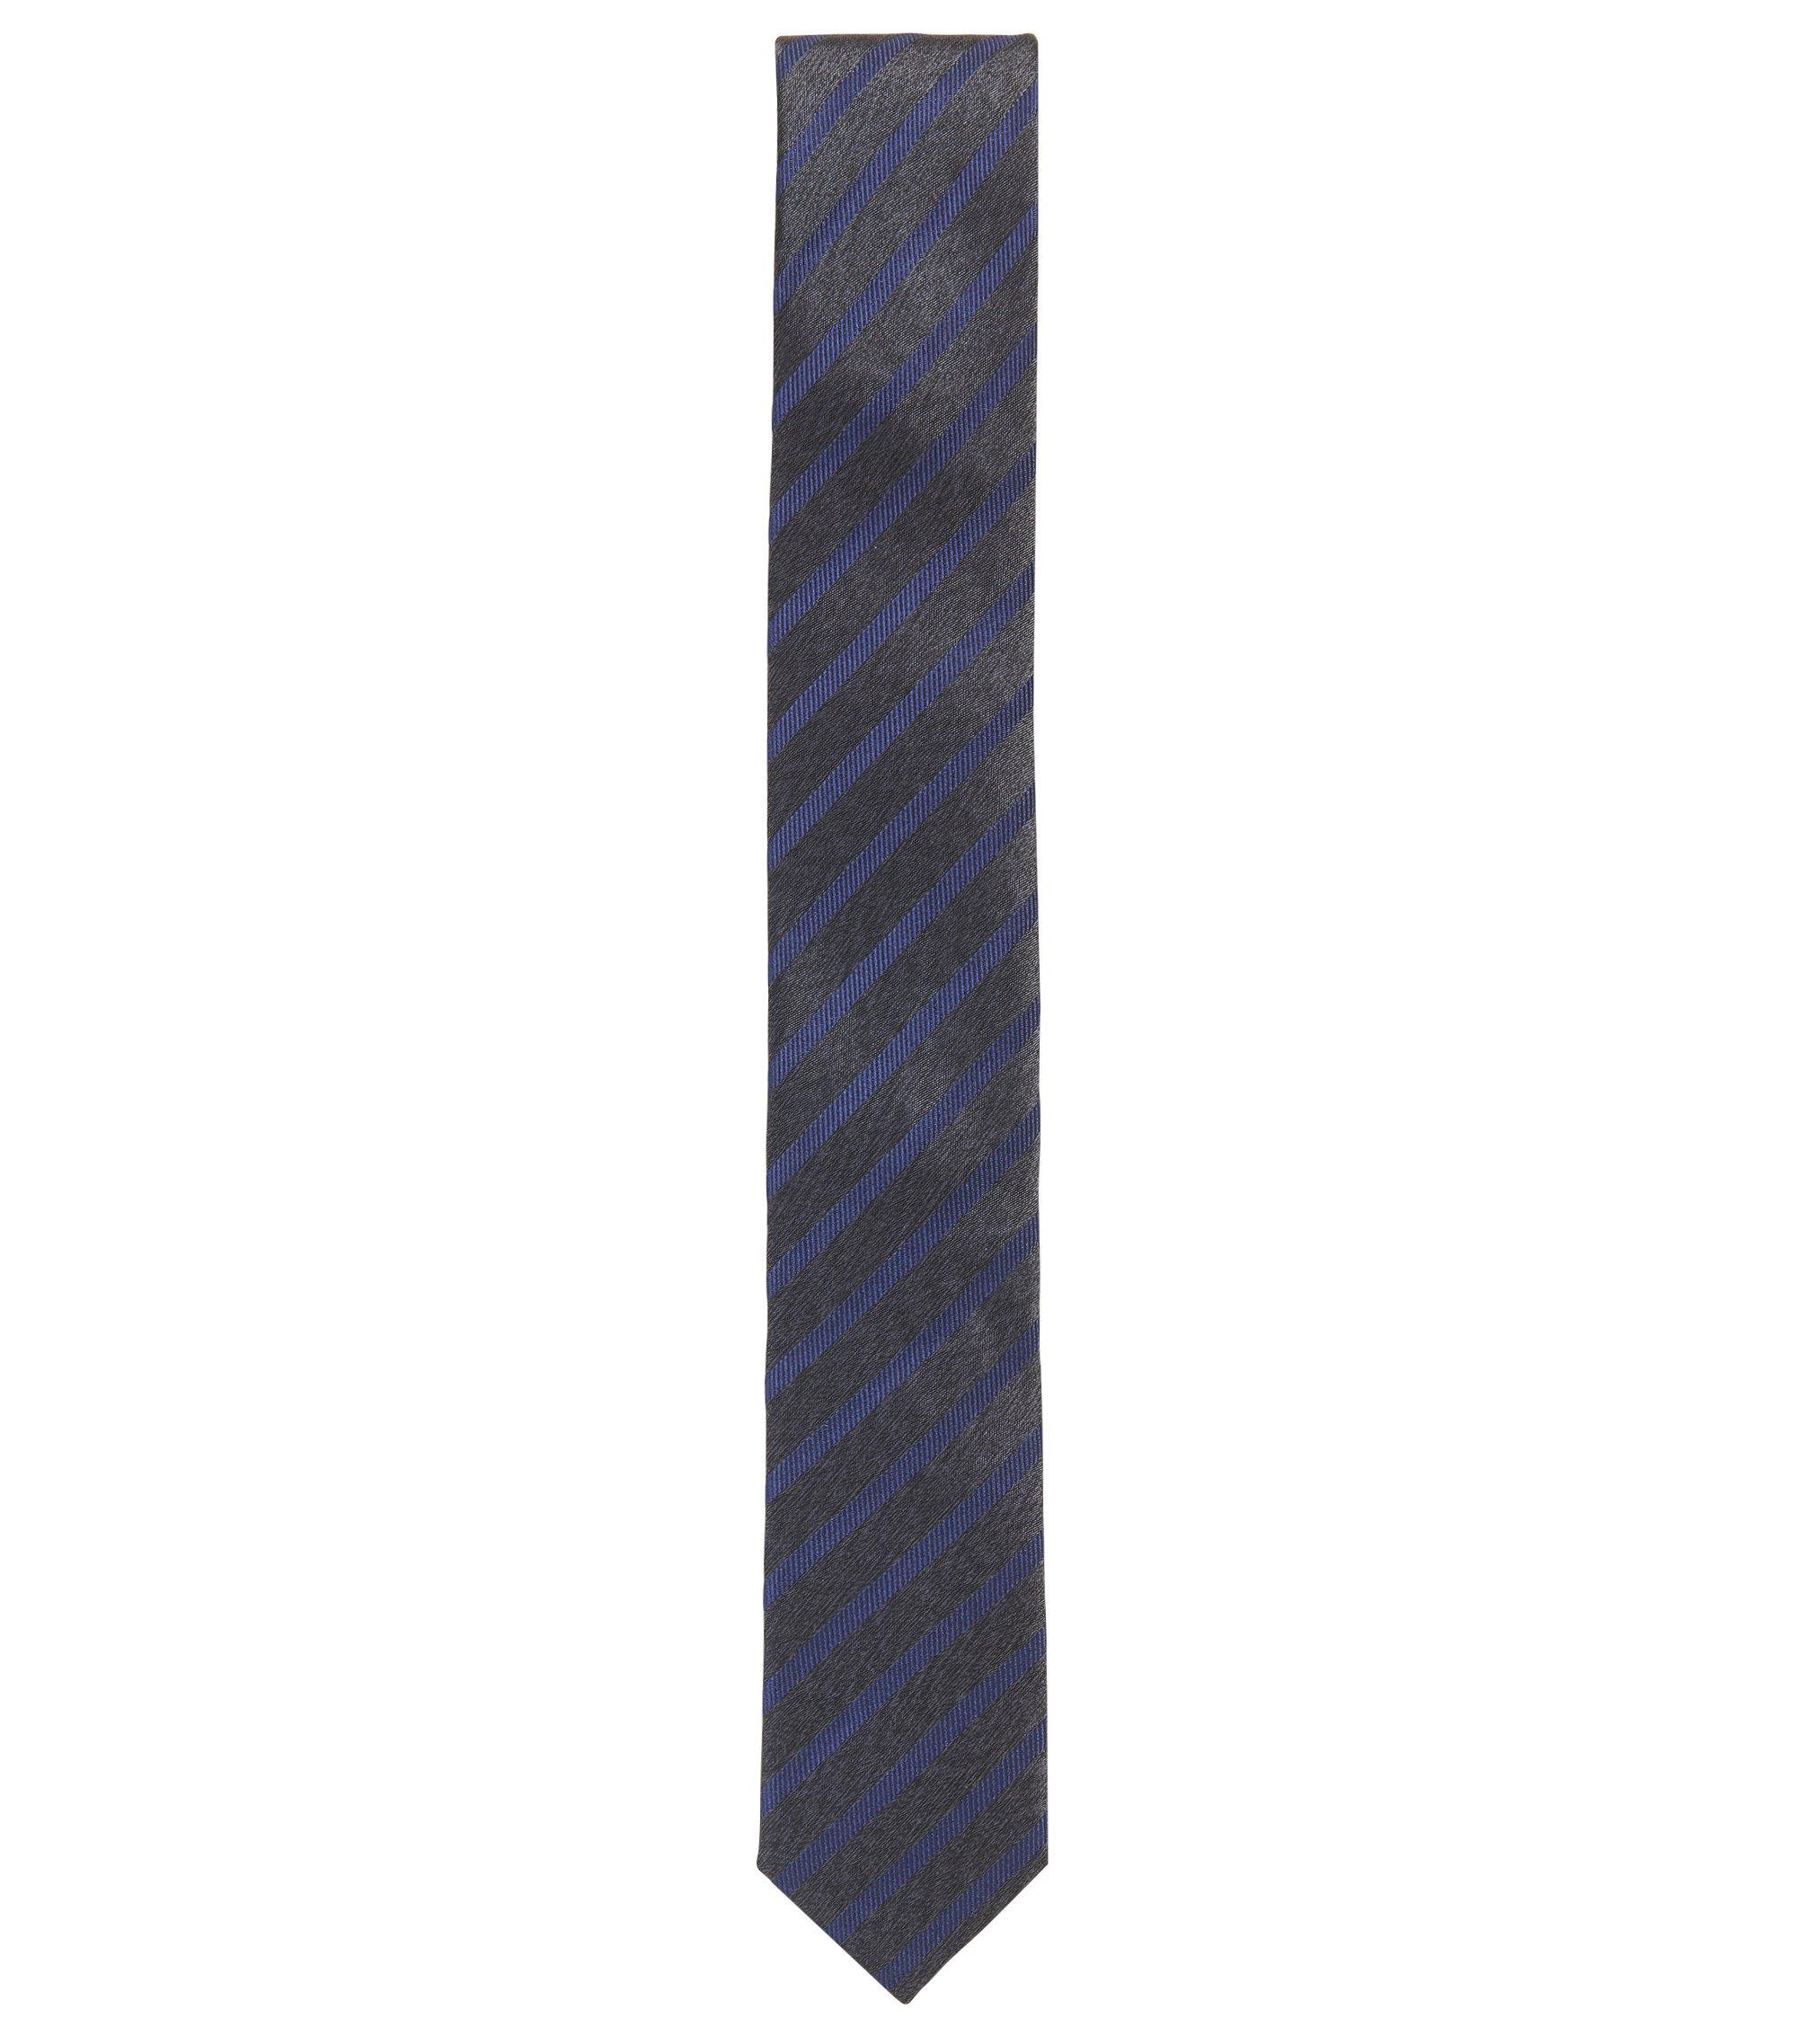 Cravate en jacquard de soie à rayures, Bleu